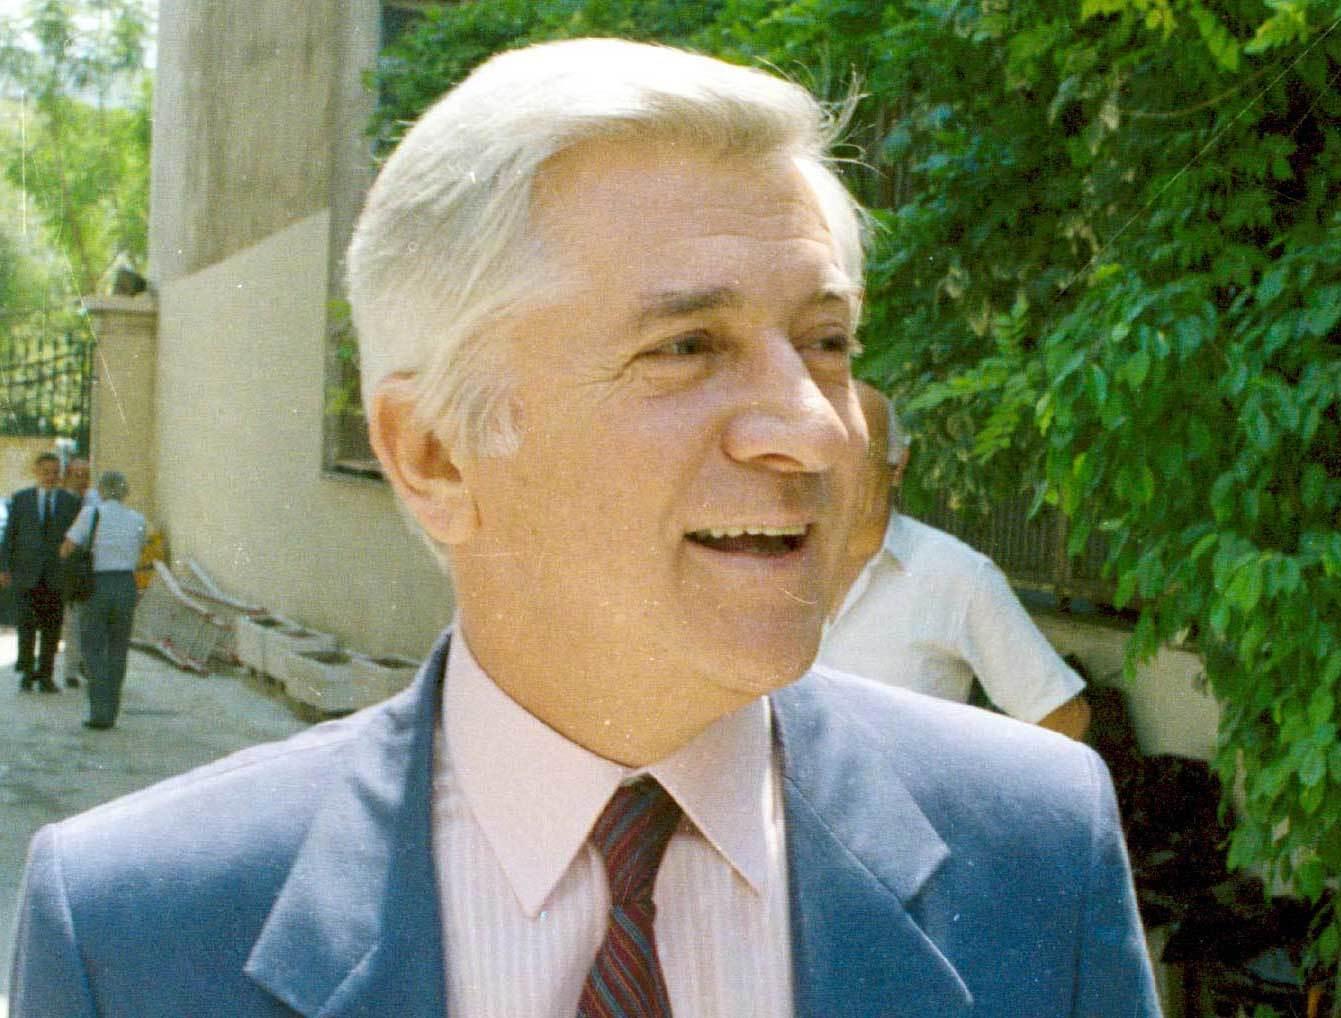 Κώστας Μπακογιάννης: Ο δικός μου Παύλος και ο Παύλος Φύσσας